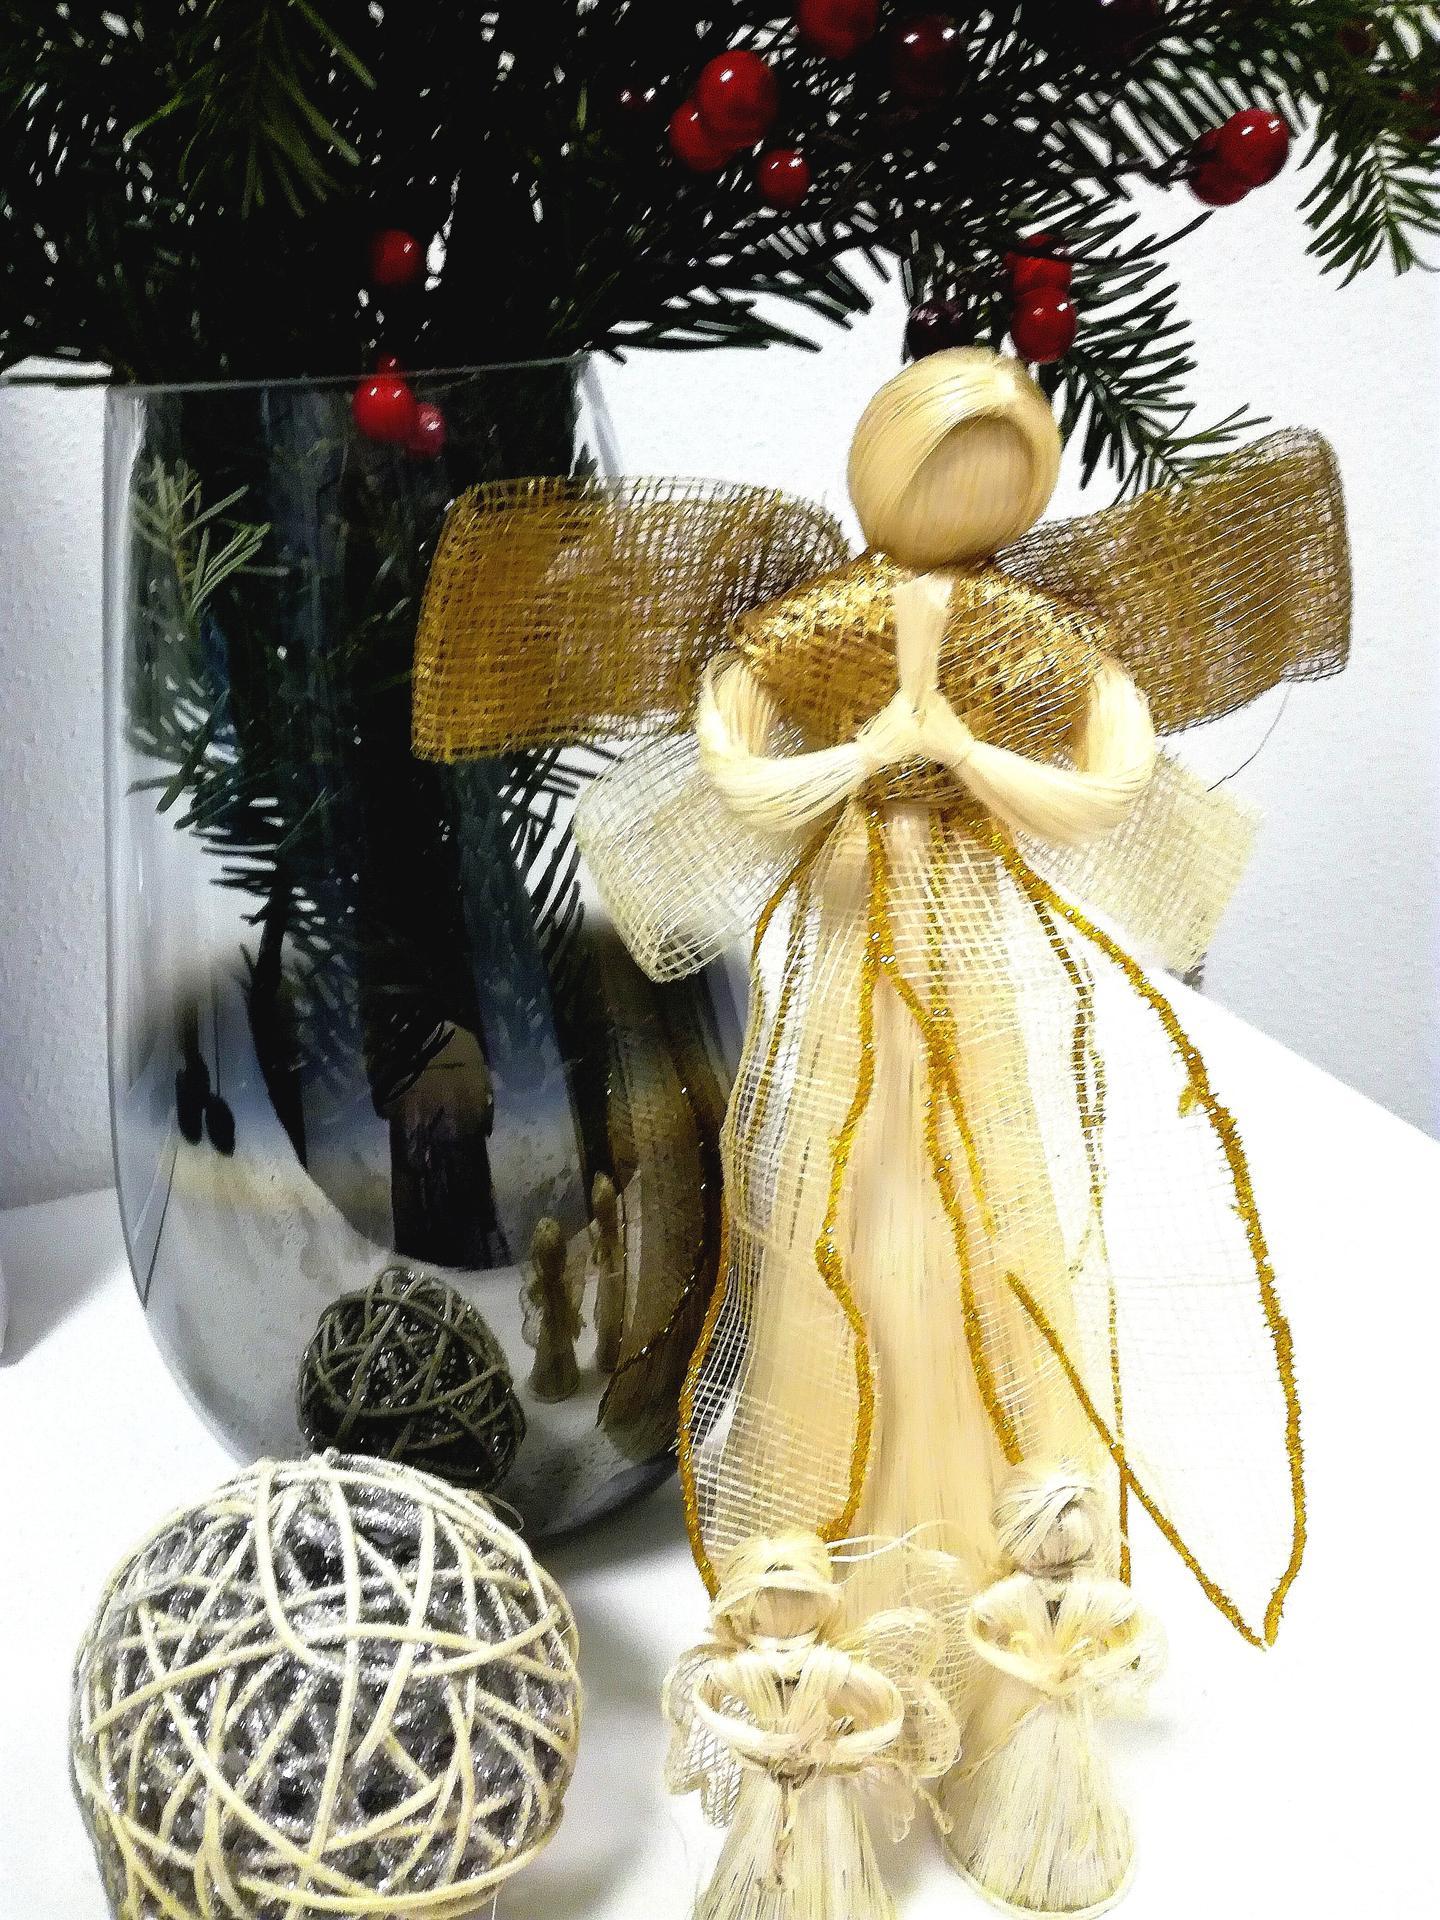 ...vánoční čas v roce 2020🌲🌲🌲❤ - Obrázek č. 44